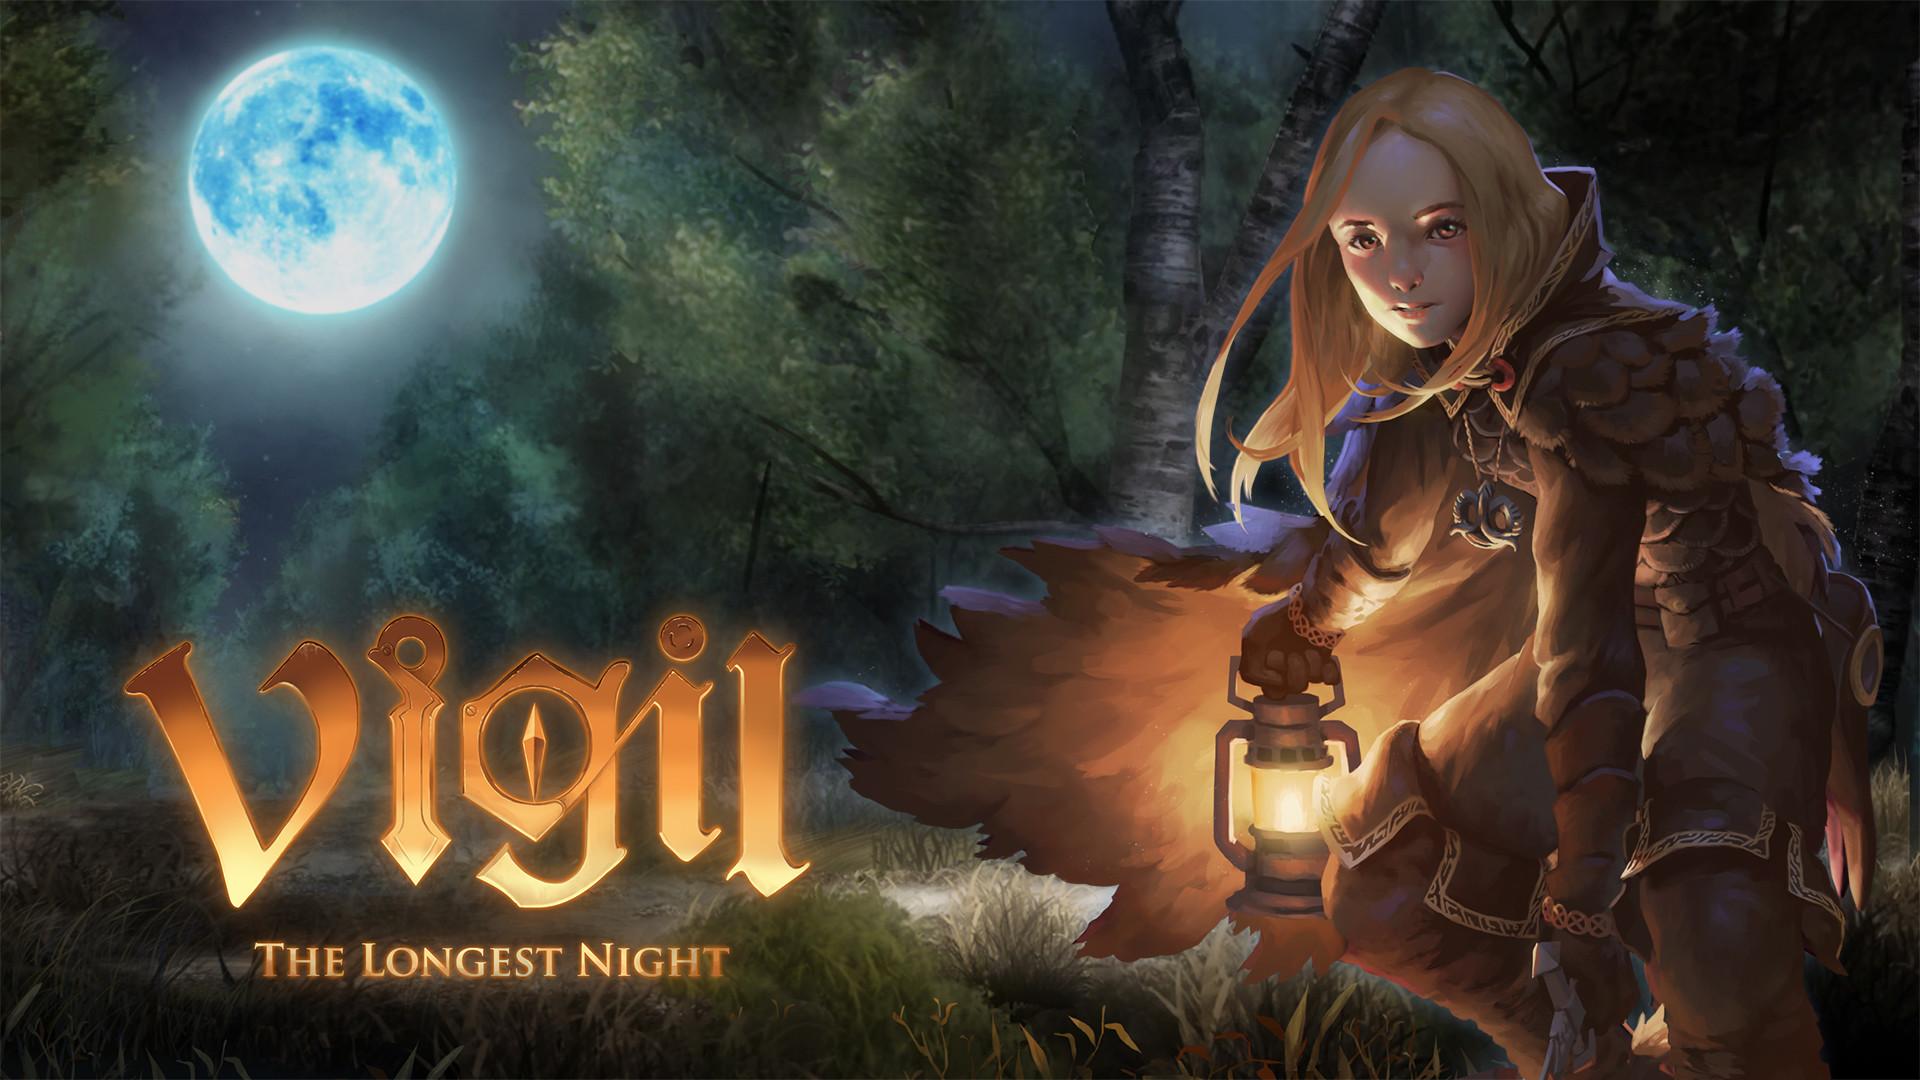 análise Vigil The Longest Night